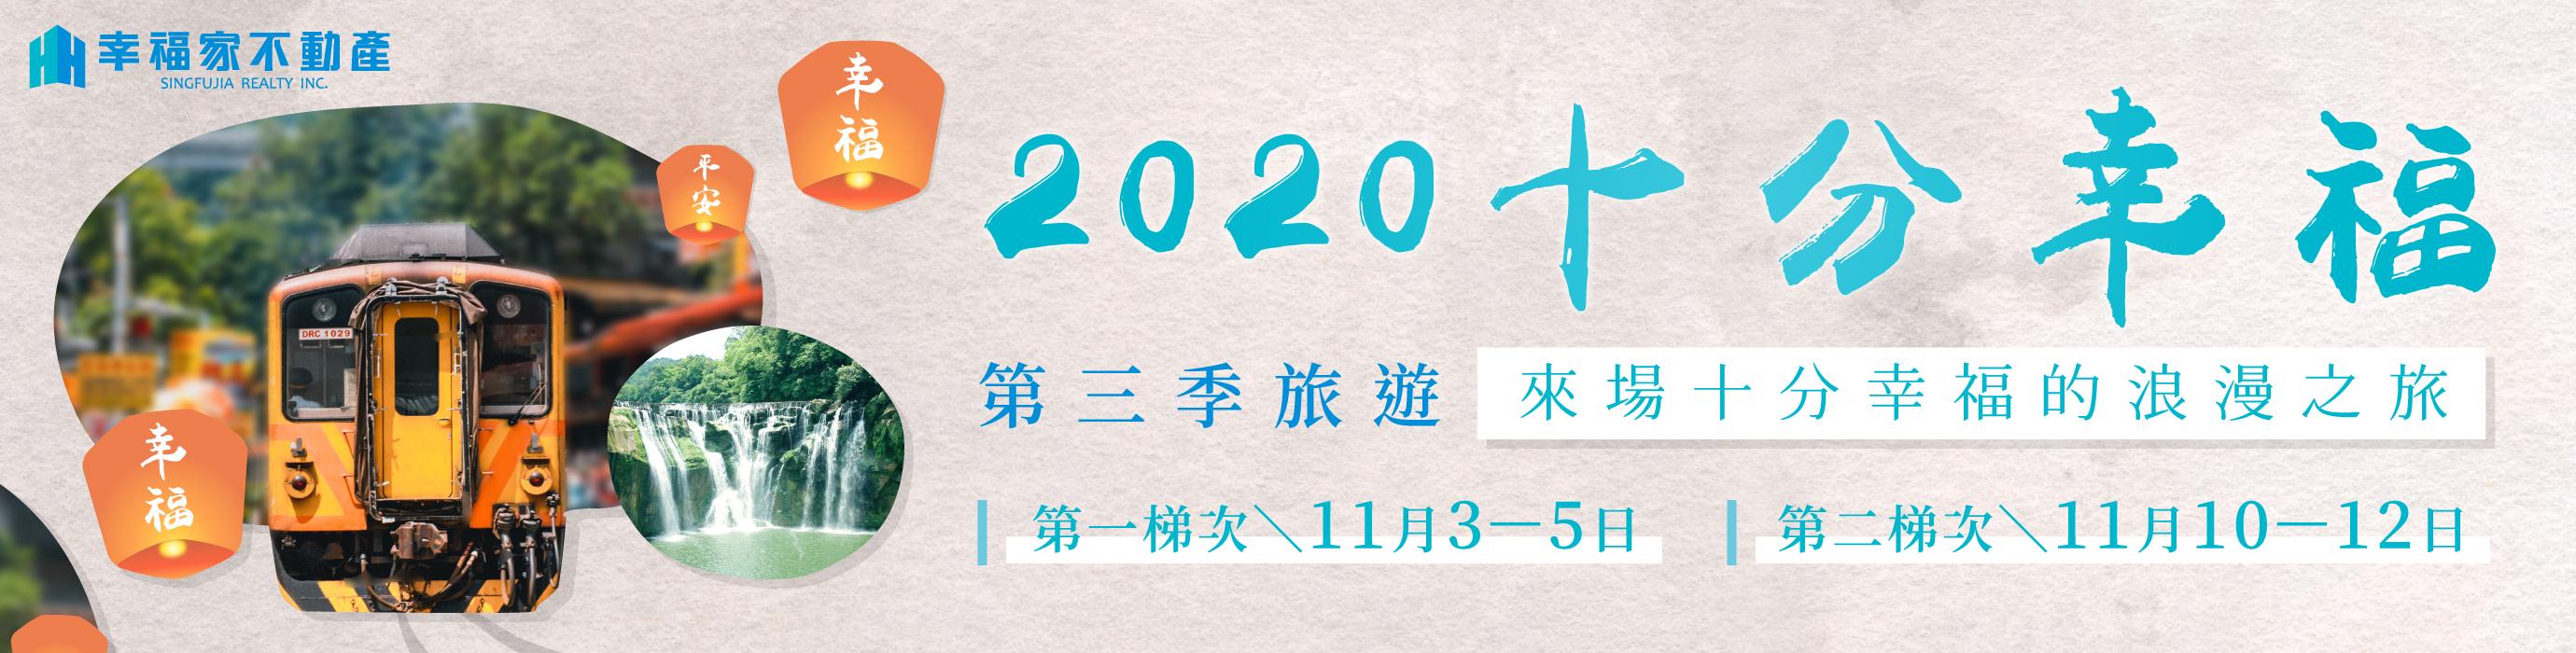 2020員工旅遊平溪